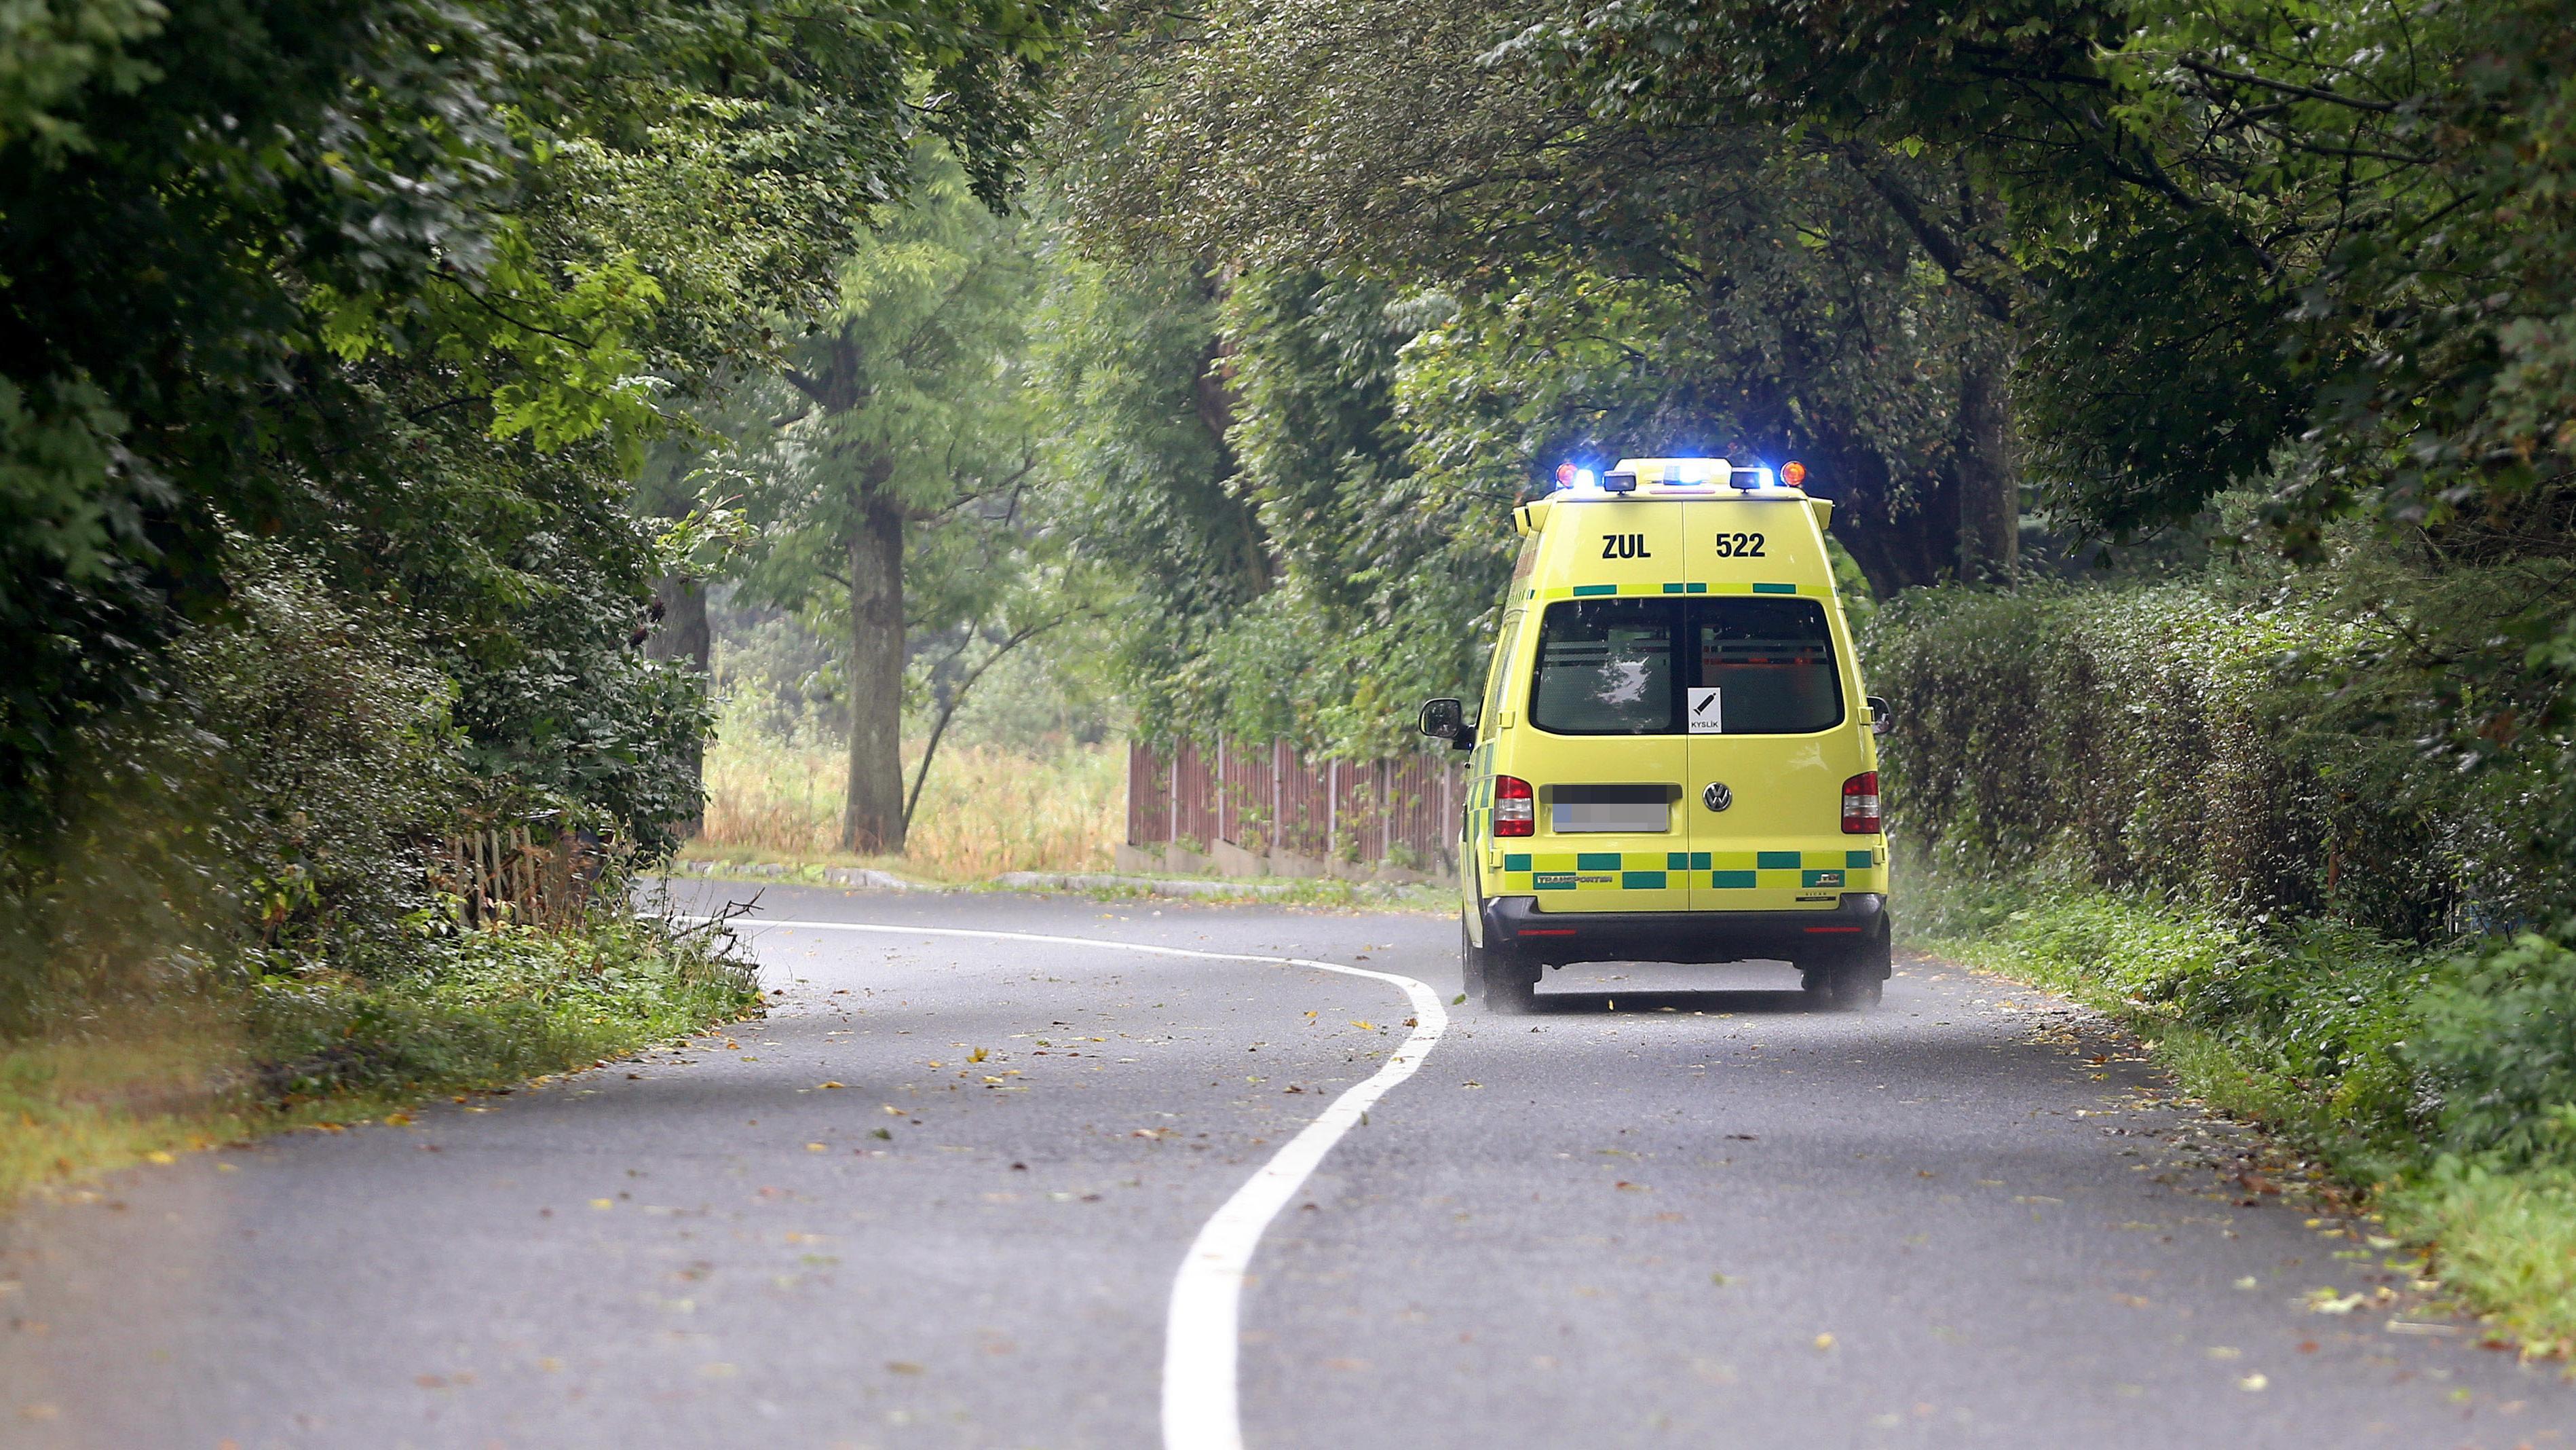 Tschechische Krankenwagen werden künftig häufiger in der Oberpfalz zu sehen sein: Der Grenzverkehr der Rettungsdienste wird vereinfacht.